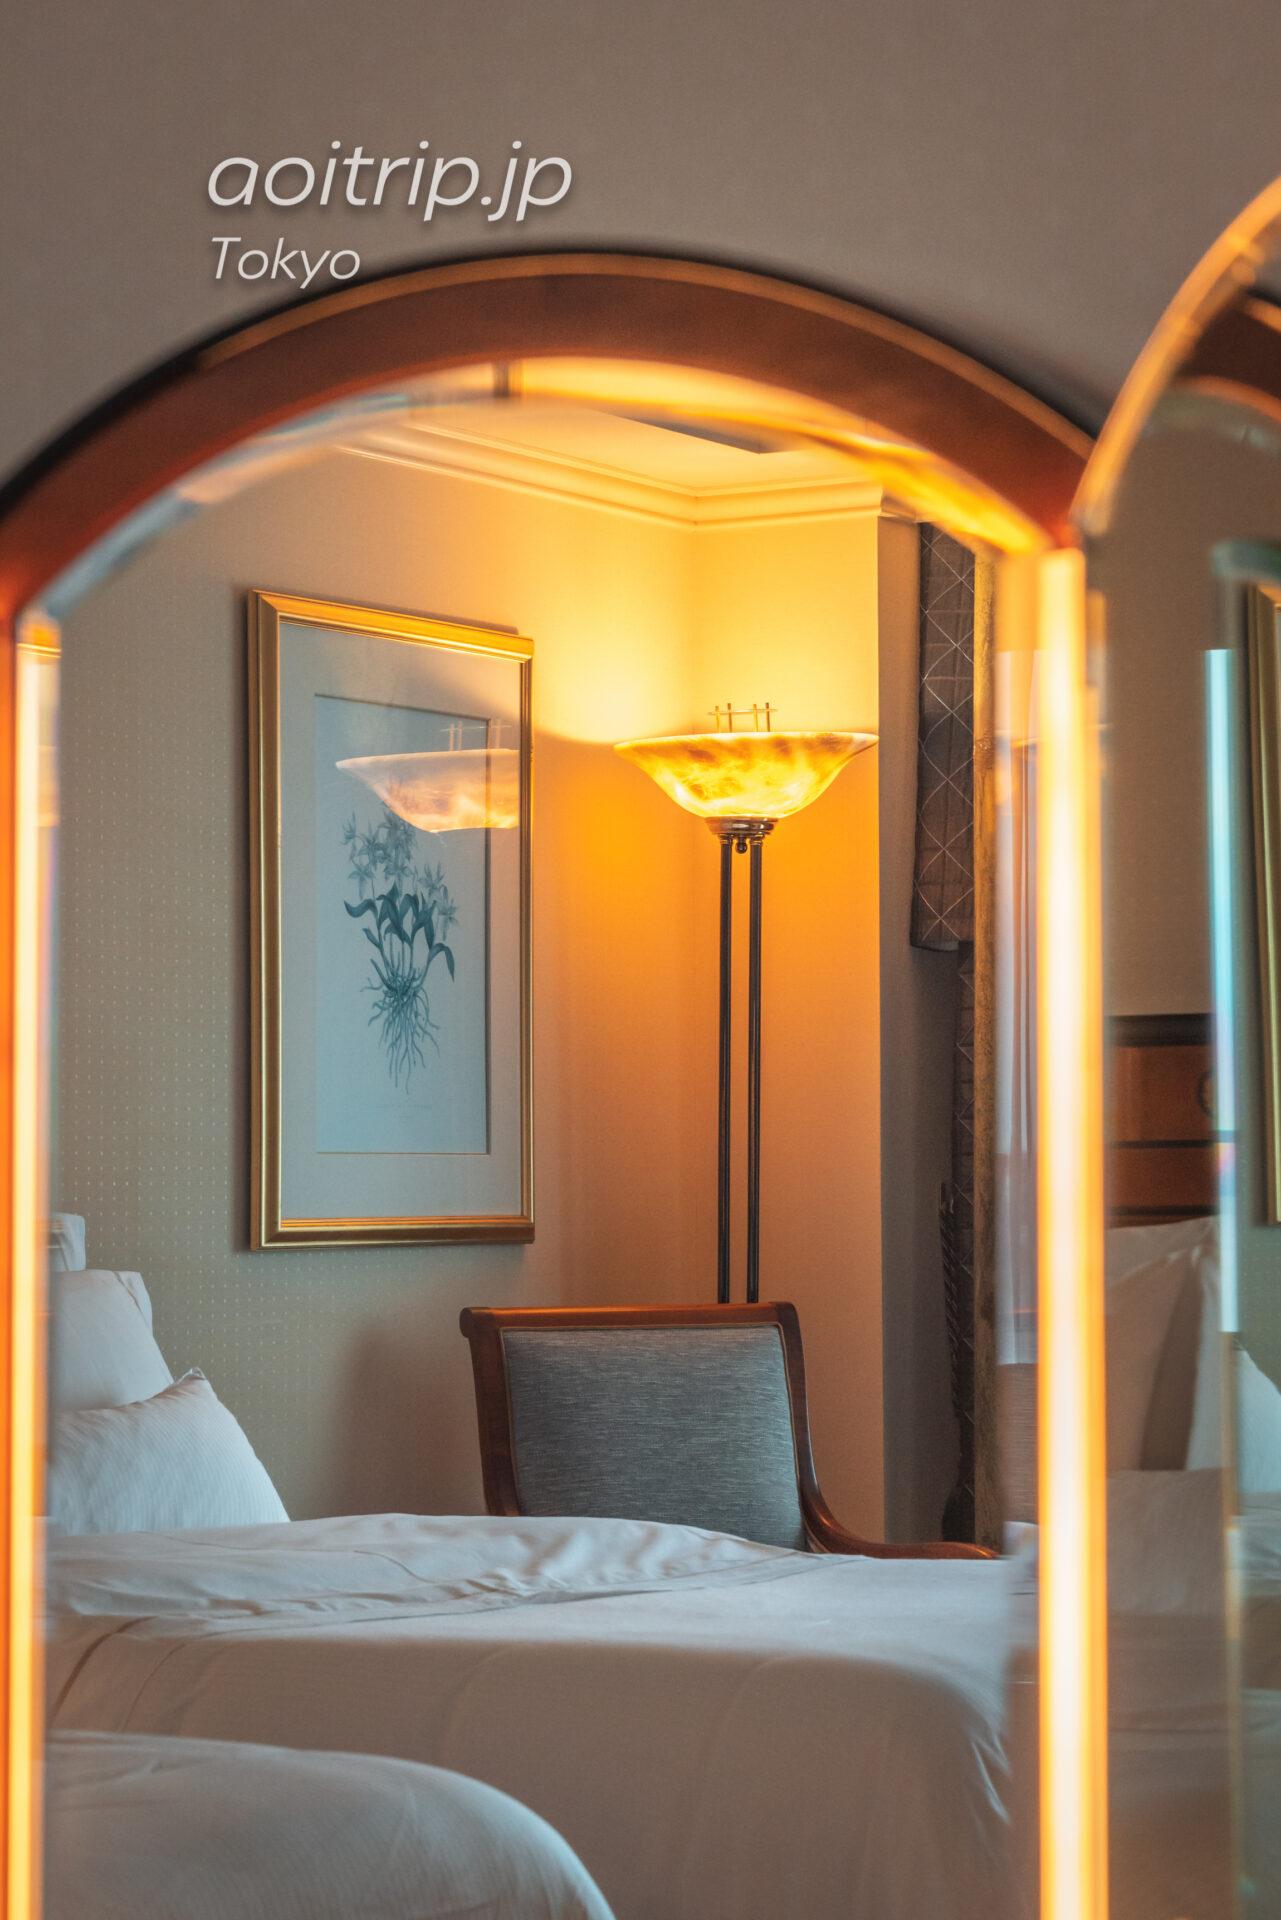 ウェスティン東京 デラックススイート ダブルベッド2台, クラブラウンジ, 東京タワービュー Deluxe Suite 2 Double, Club lounge access, 1 Bedroom Suite, Tokyo Tower view